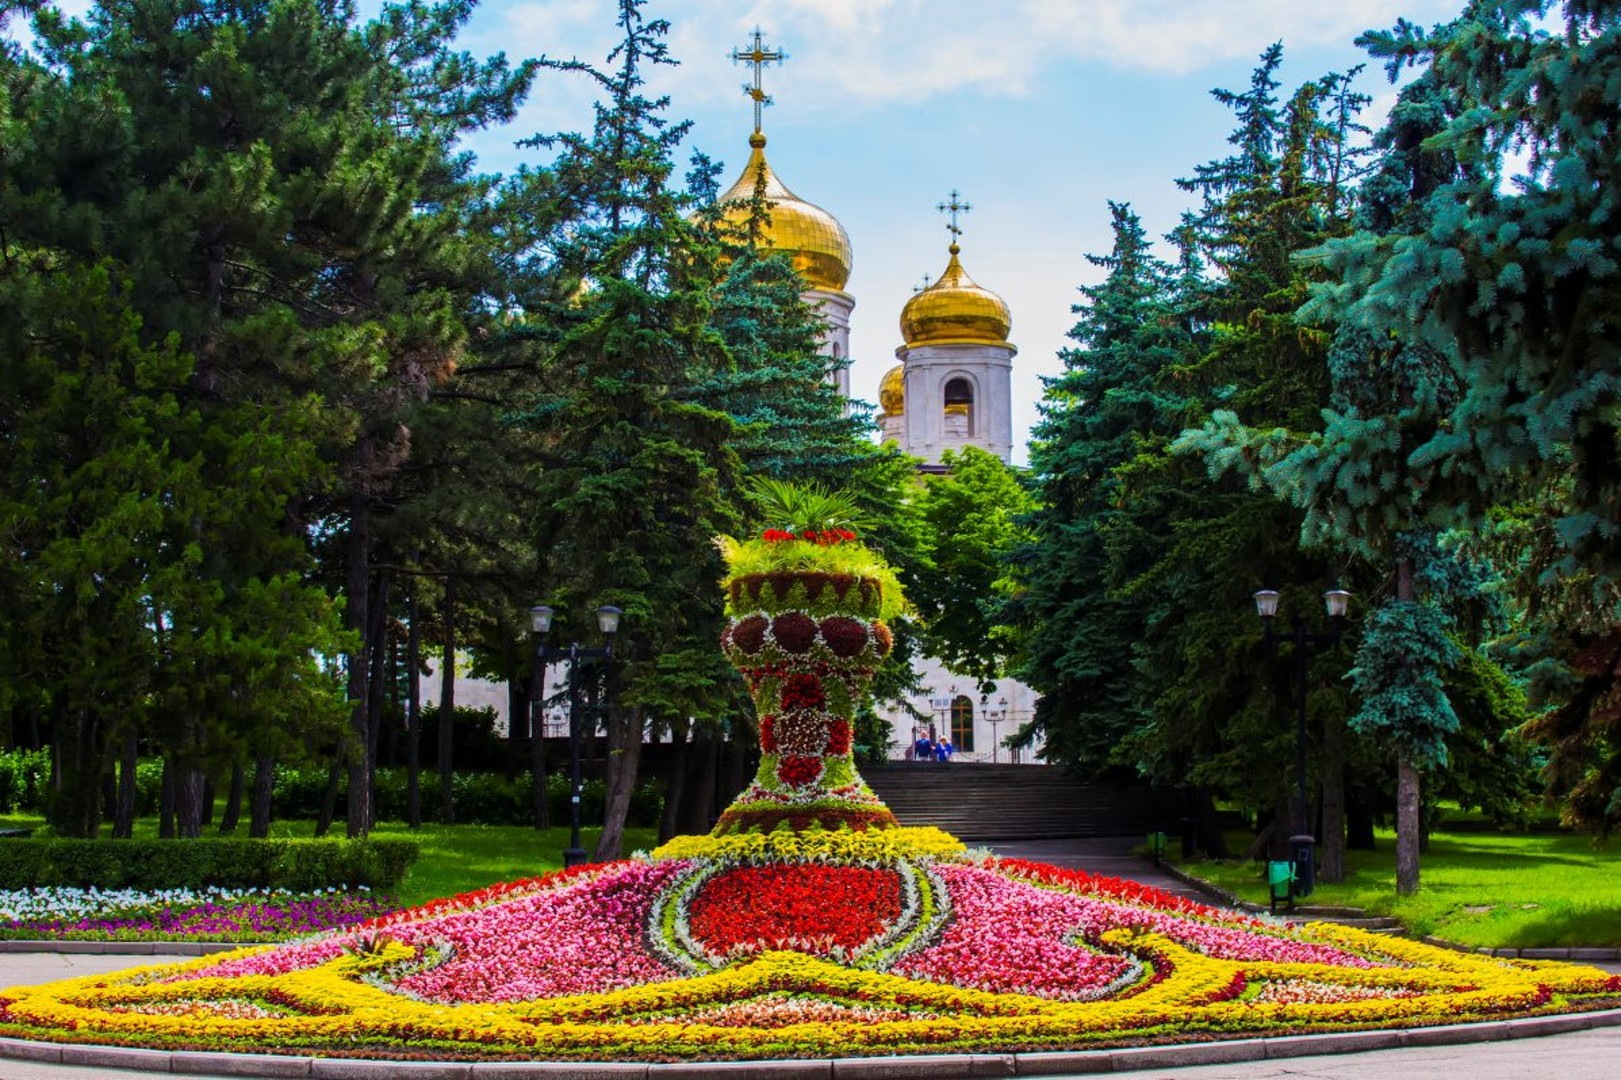 park_Cvetnik.jpg